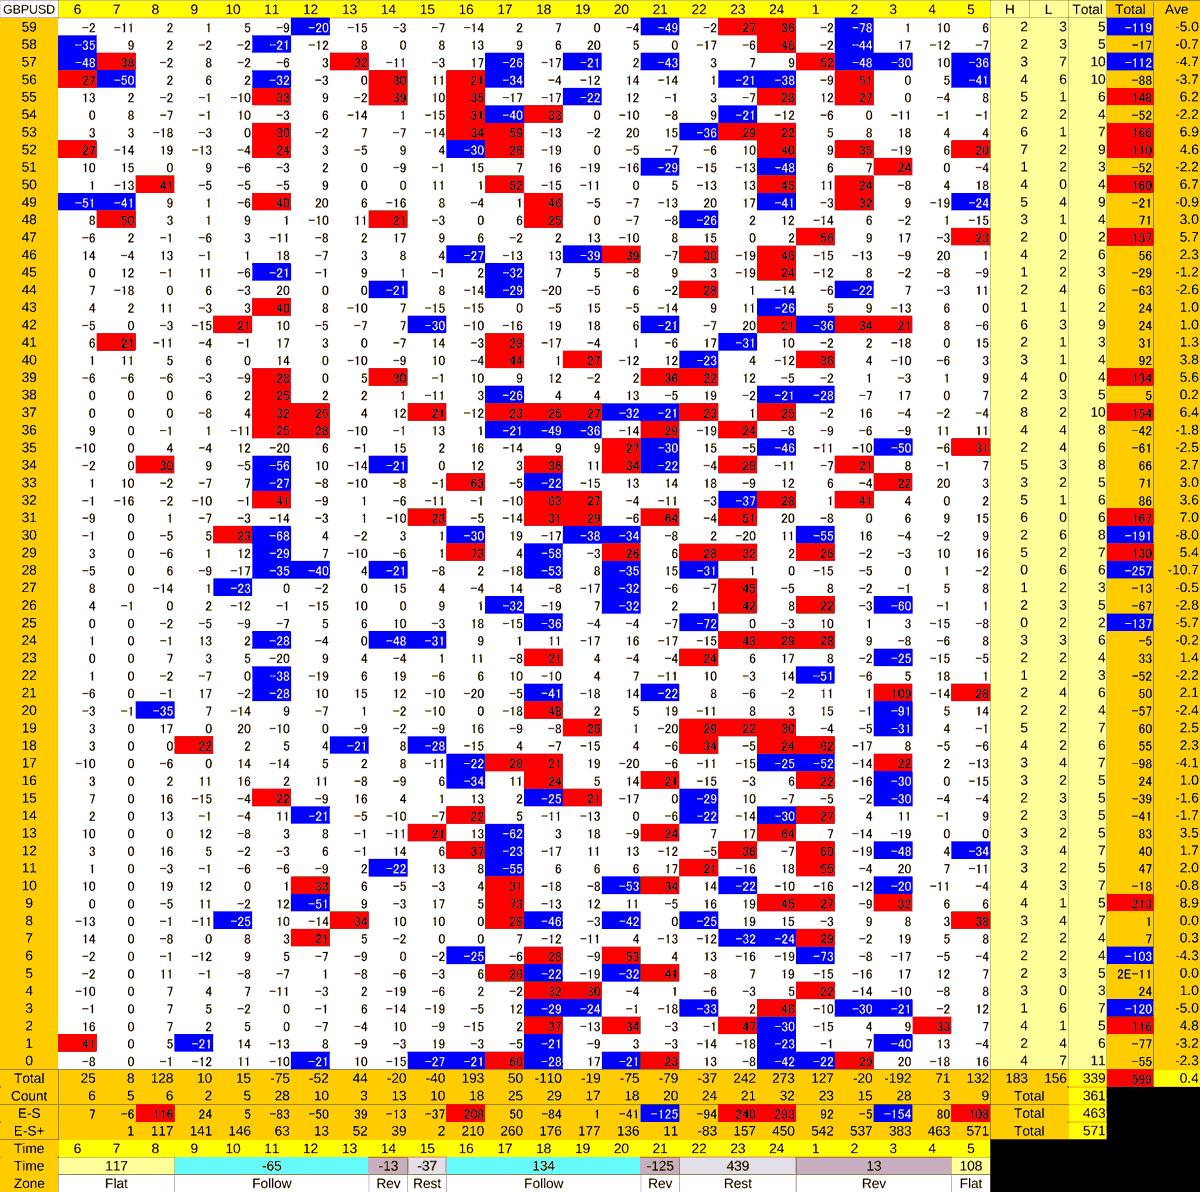 20210114_HS(2)GBPUSD